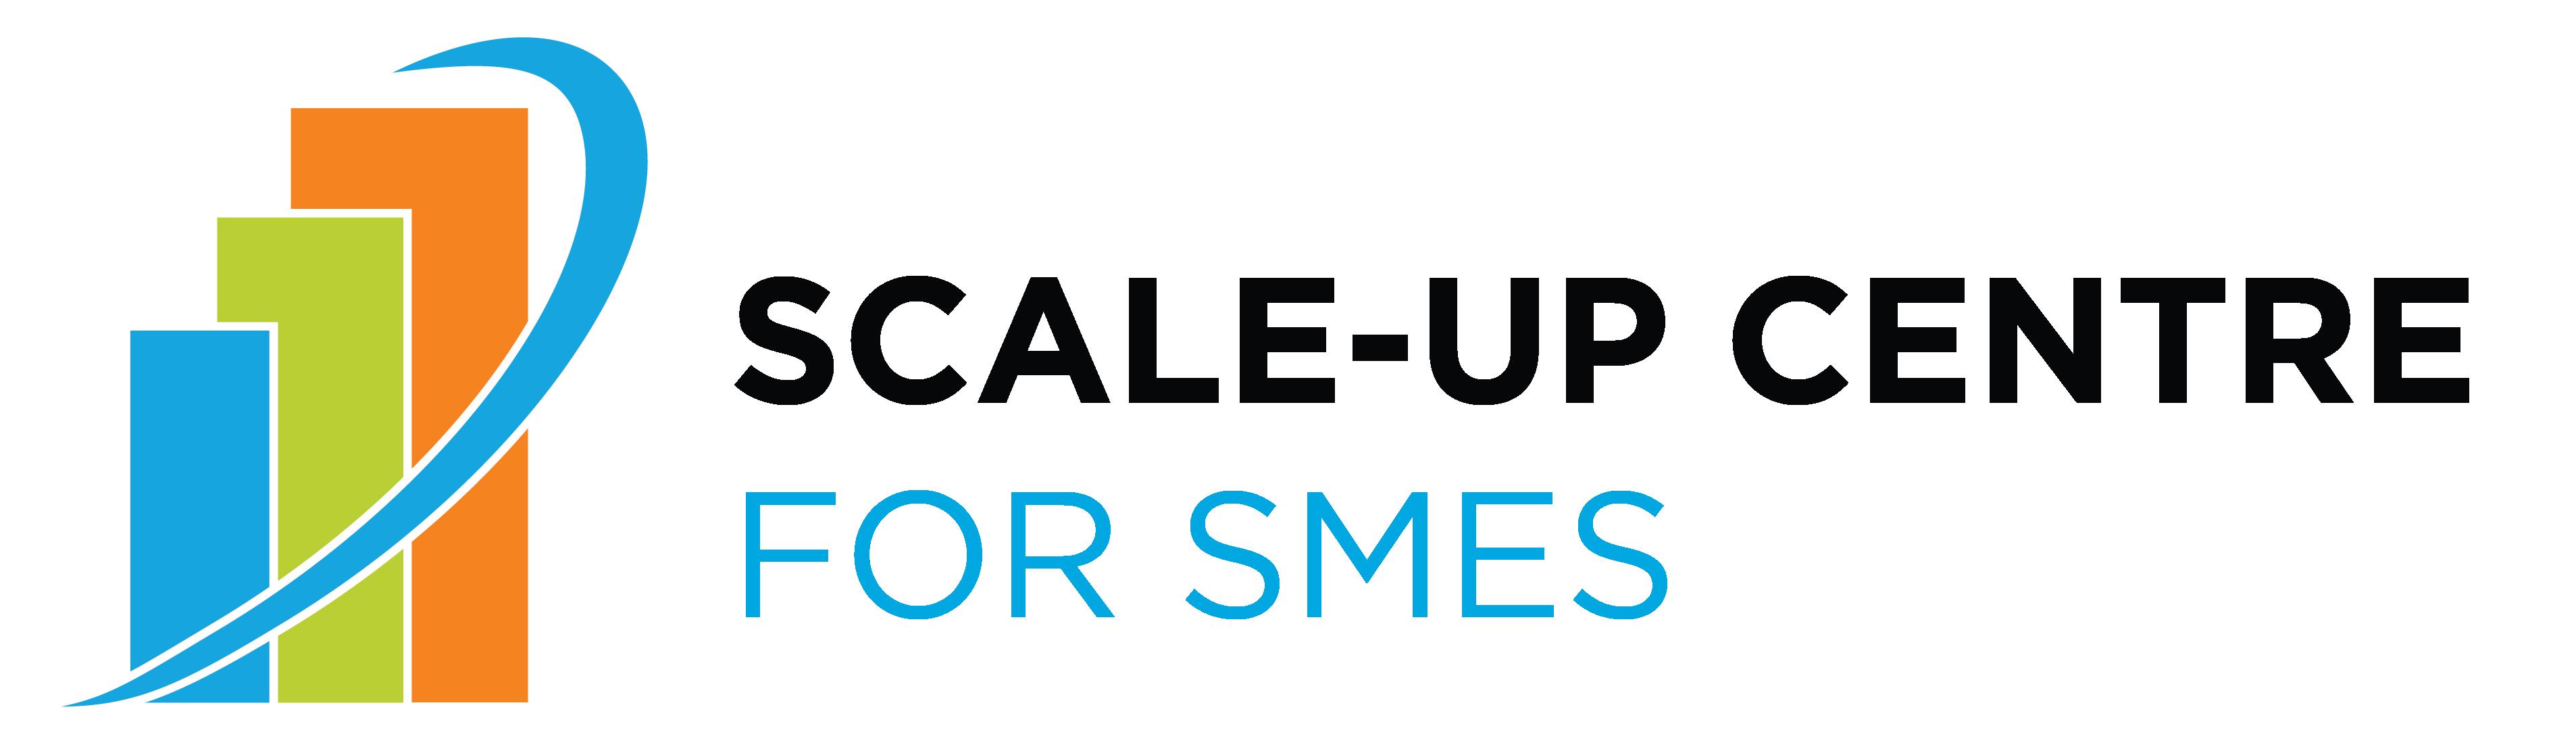 https://www.boardoftrade.com/programs/scale-up-sme